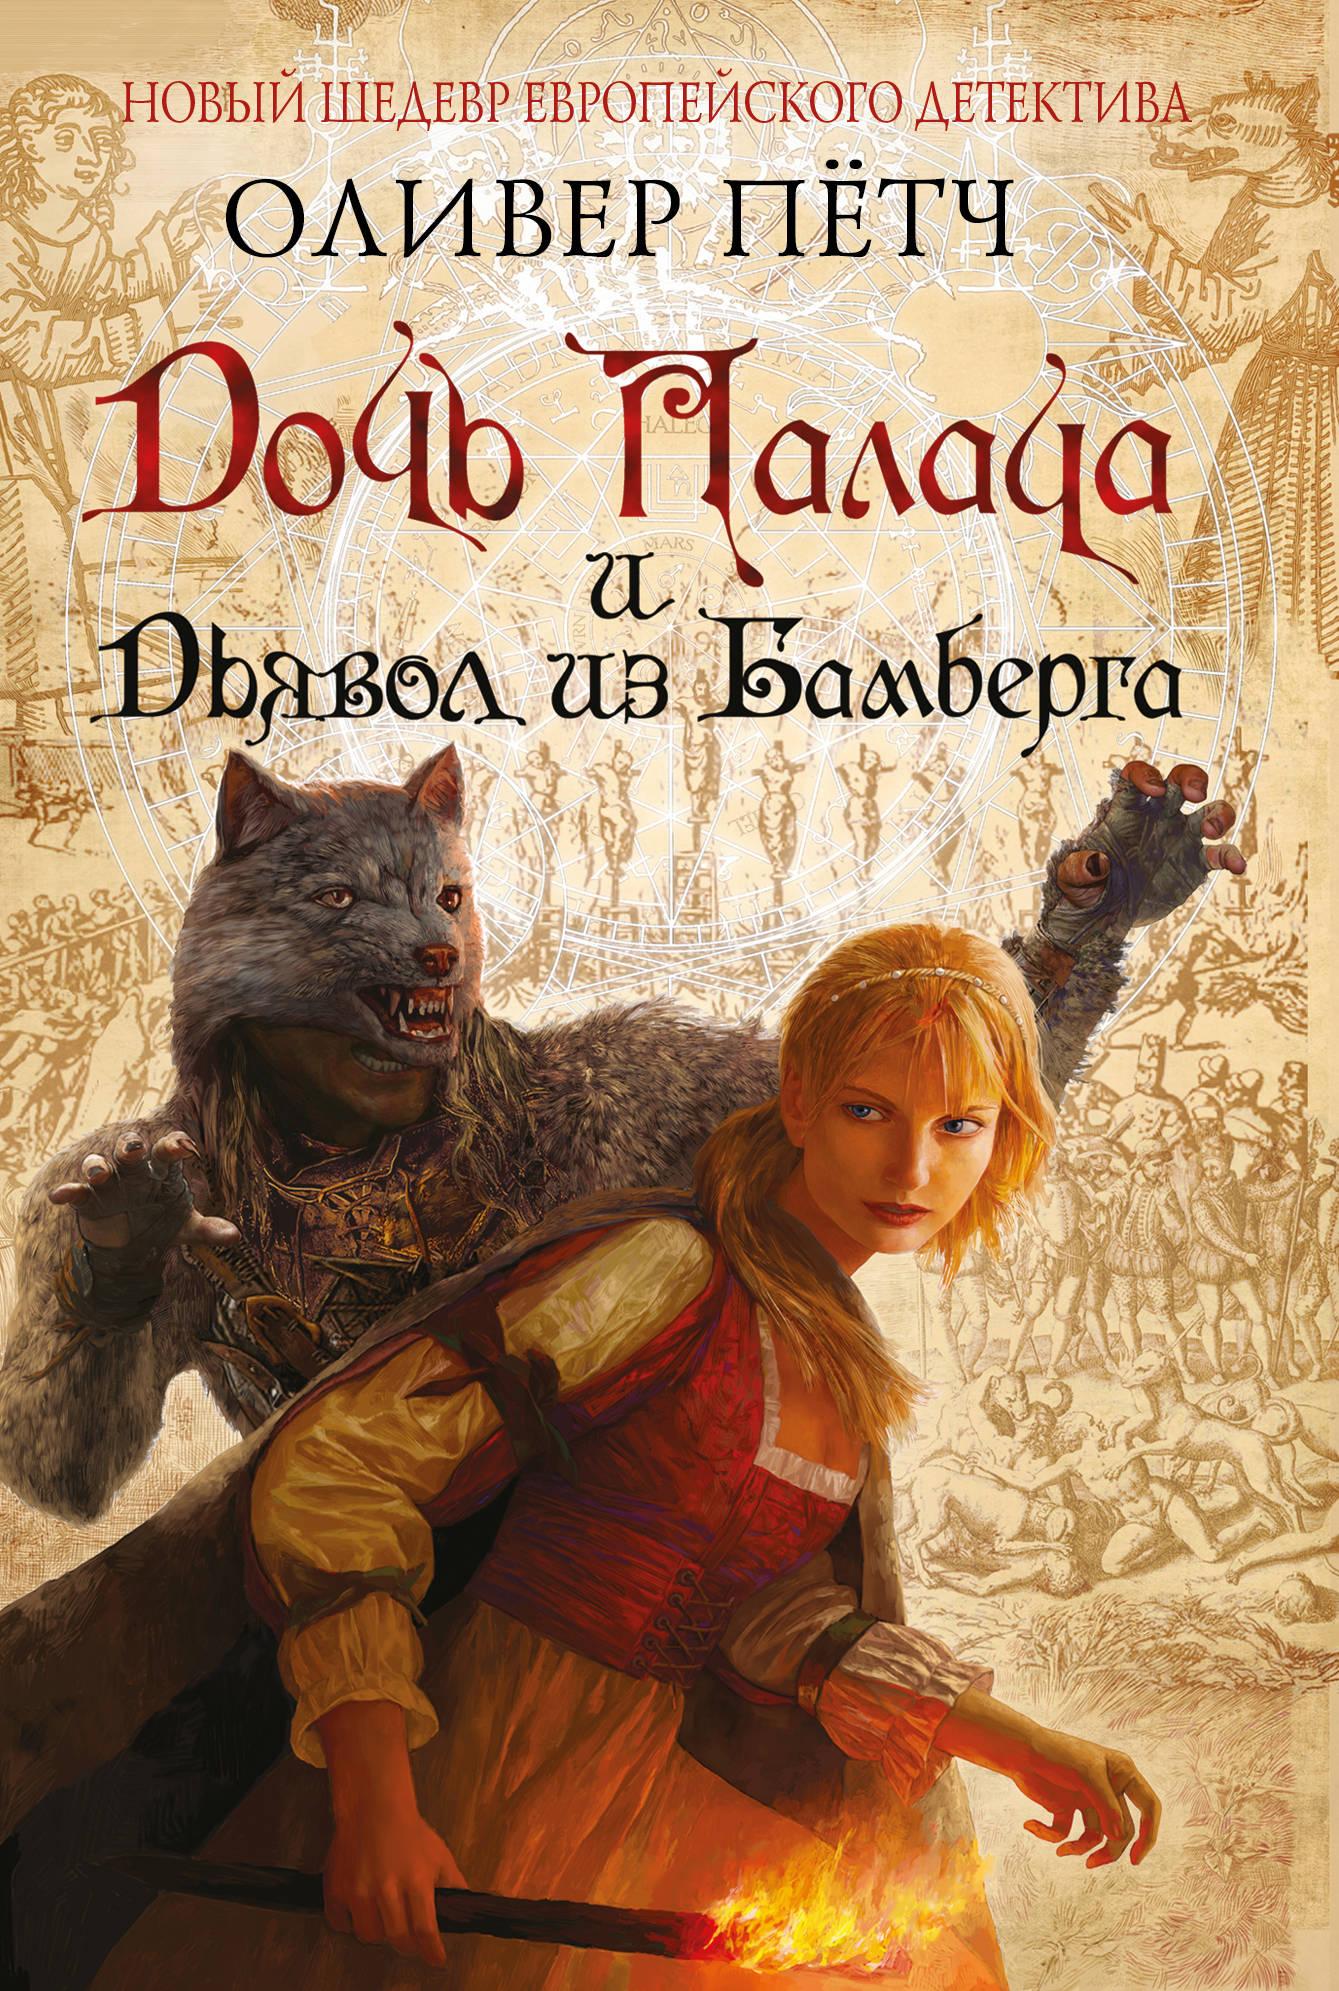 Дочь палача и дьявол из Бамберга